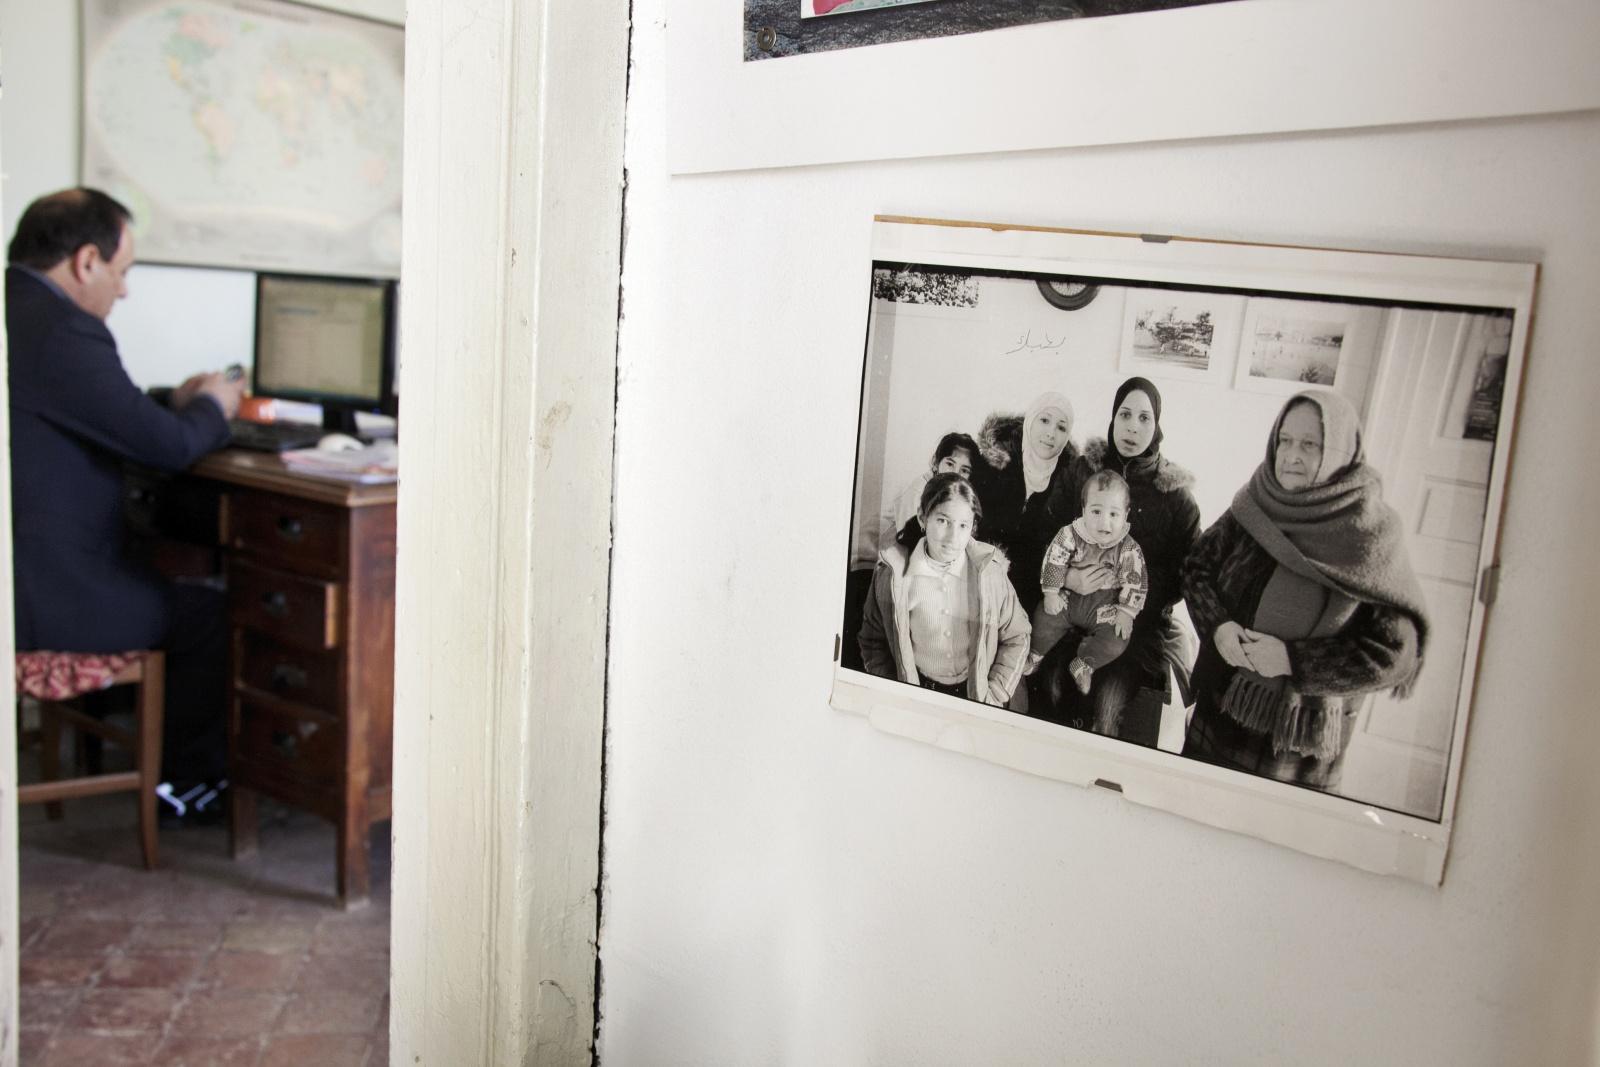 Il signor Sindaco e la Città Futura | Gianfranco Ferraro - Foto di una delle prime famiglie migranti arrivate a Riace. Sullo sfondo, a sinistra, il sindaco Domenico Lucano al lavoro nell'ufficio dell'Associazione Città Futura. © Gianfranco Ferraro.